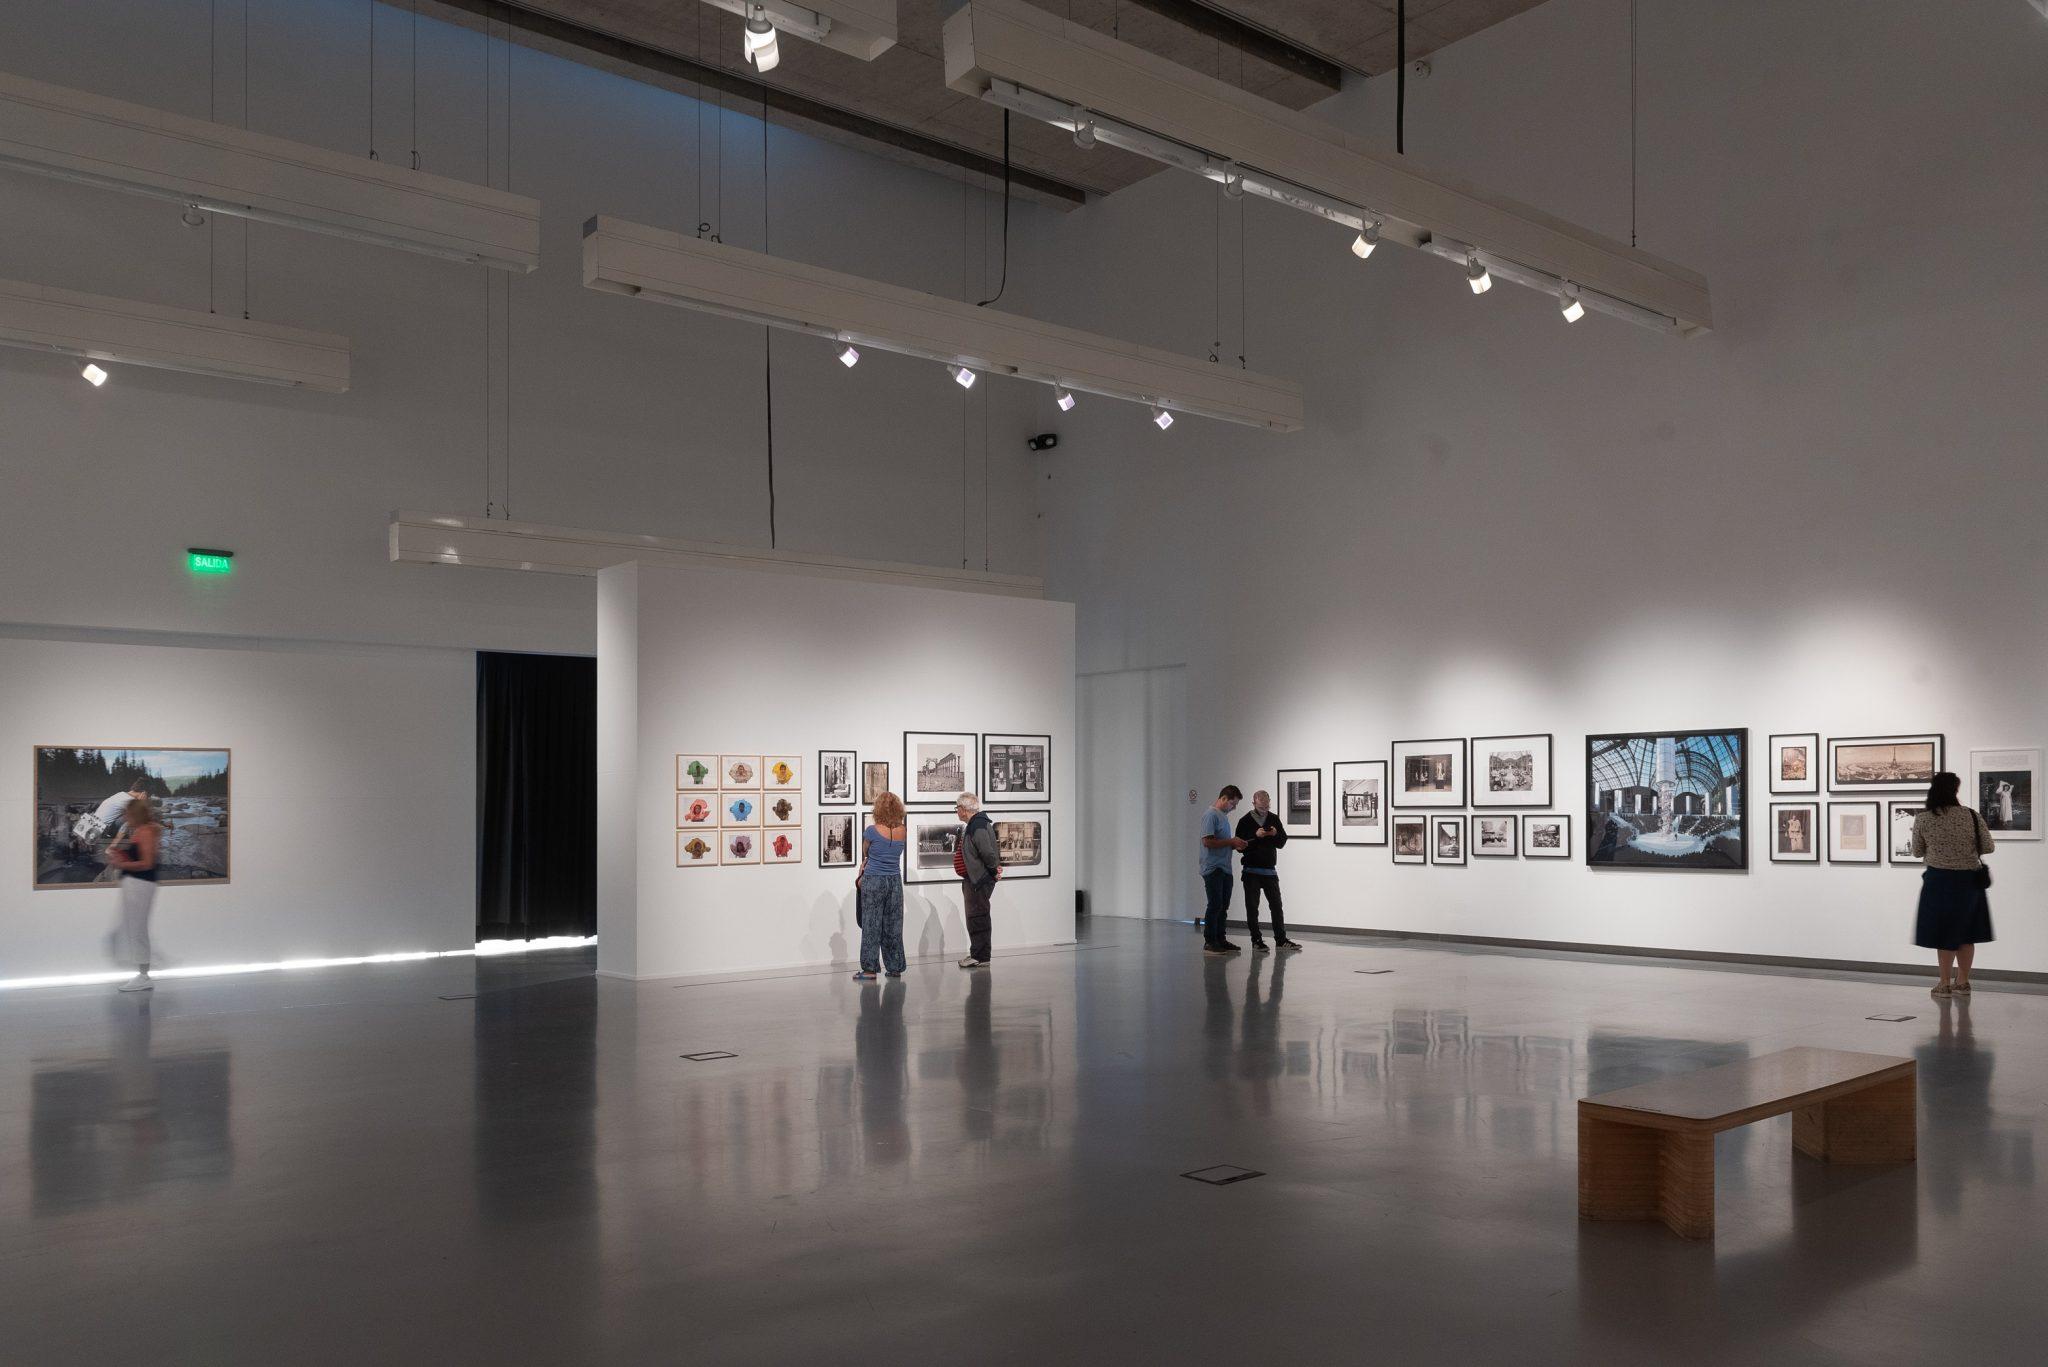 DOS MUESTRAS DE FOTOGRAFÍA Y ACTIVIDADES ESPECIALES PARA DISFRUTAR EN MUSEO MAR